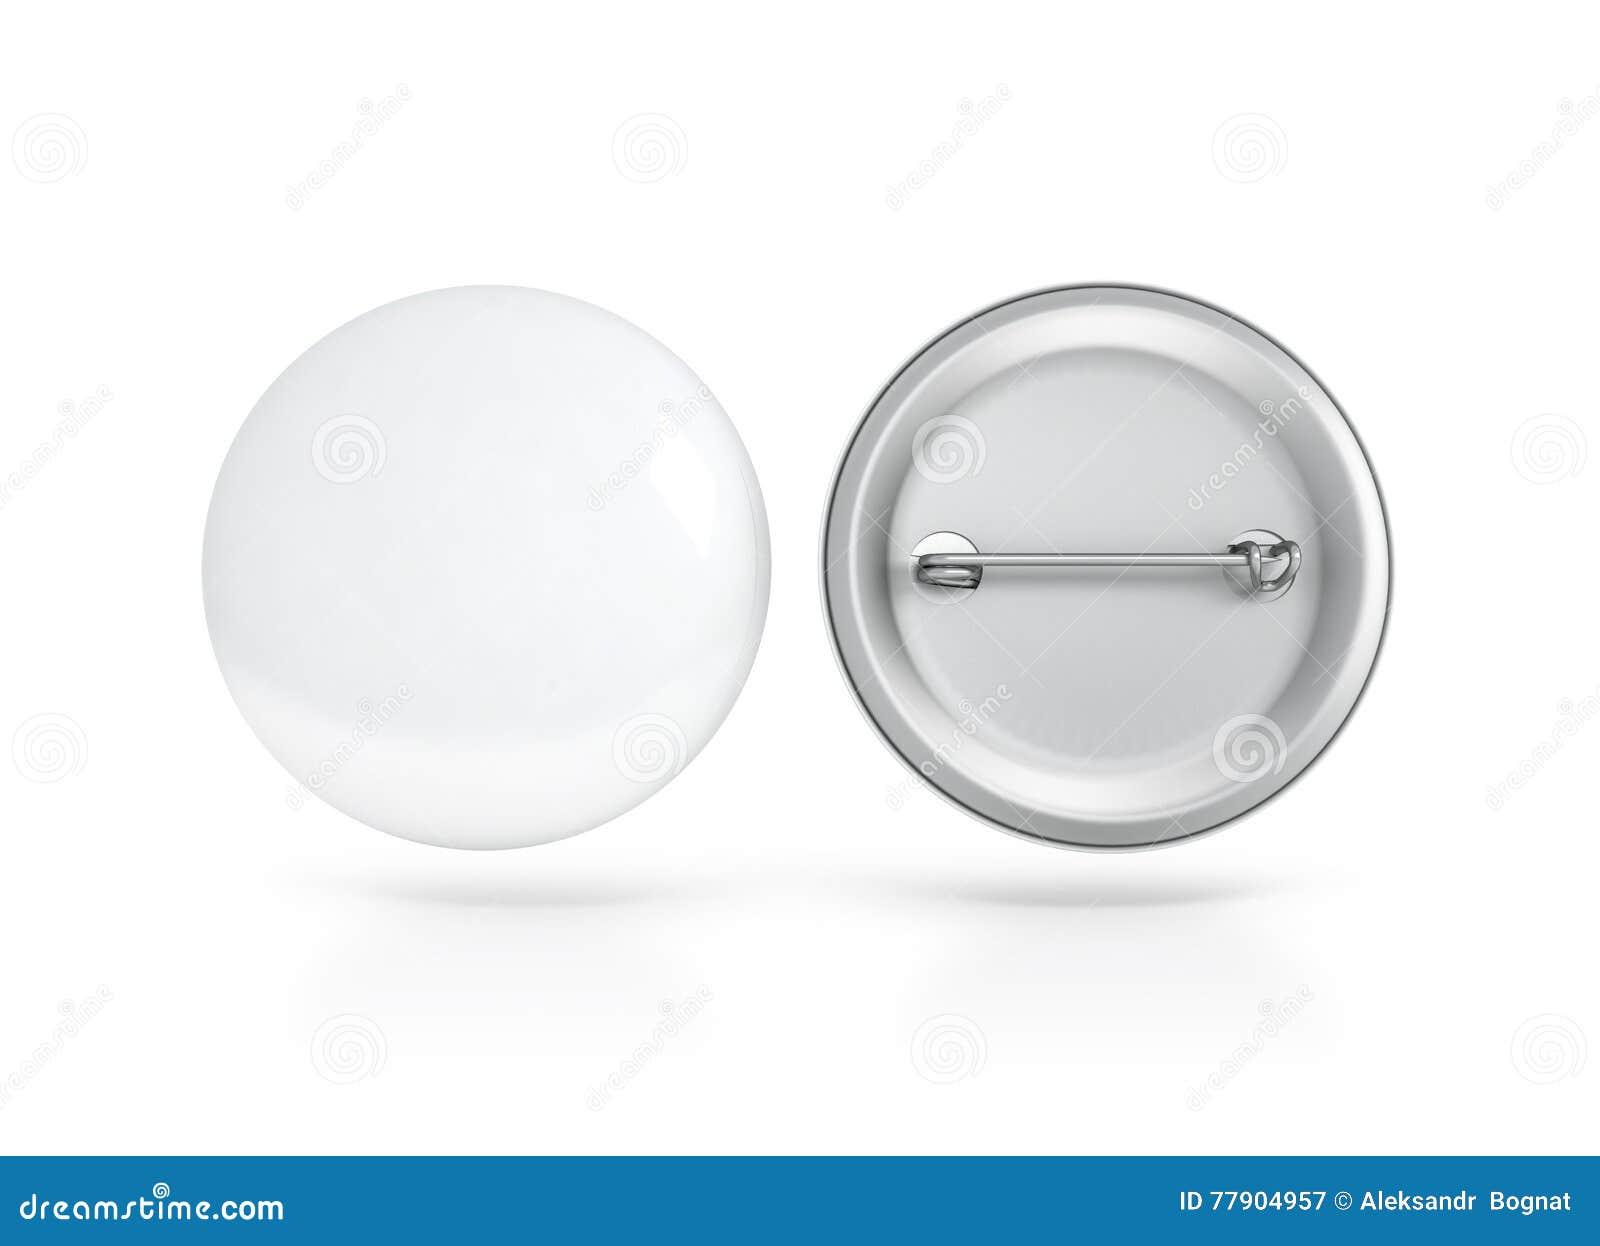 Пустая белая сторона модель-макета значка кнопки, передних и задних, путь клиппирования